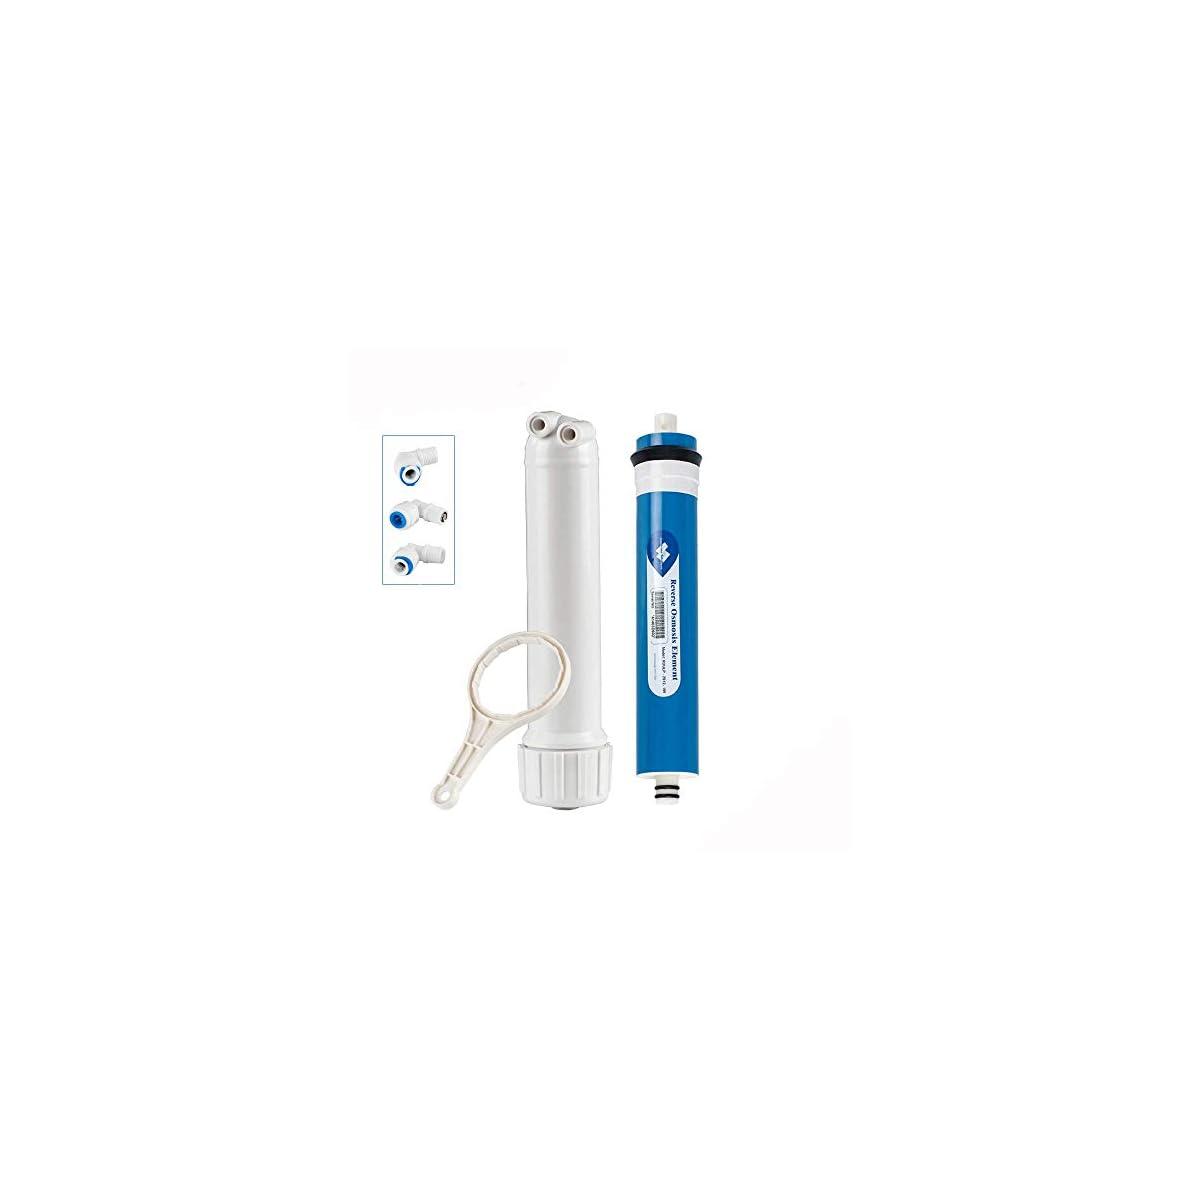 418uPZzXLRL. SS1200  - Membrane Solutions 100 GPD RO- Purificador de agua con carcasa y 3 accesorios para codo 1 llave